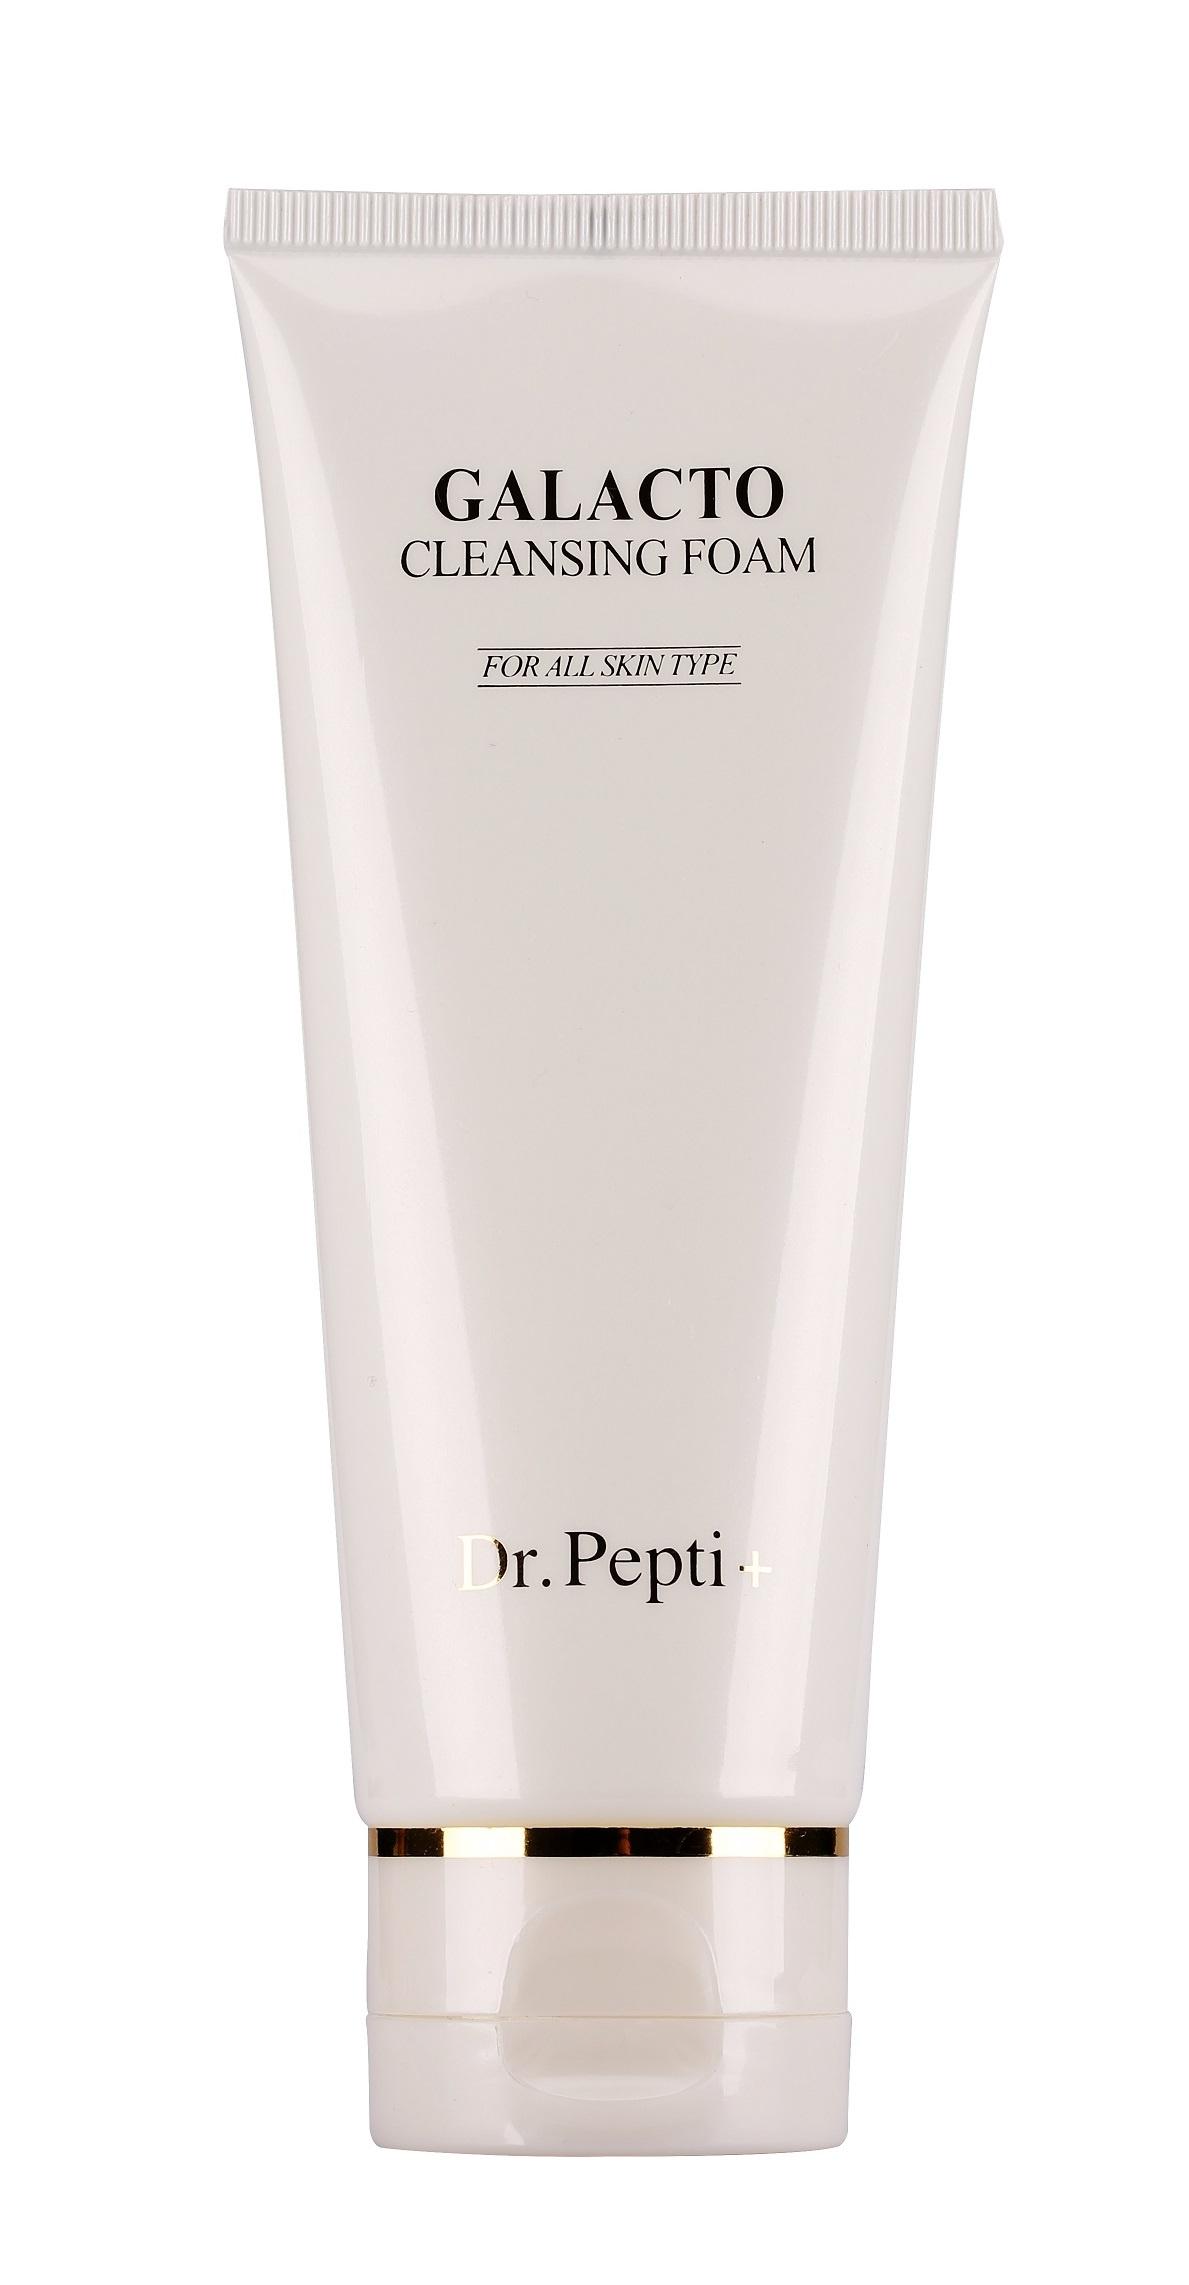 Пенка для умывания Dr. Pepti+ Очищающая пенка для лица с омолаживающим эффектом Galacto Cleansing Foam, 110 мл